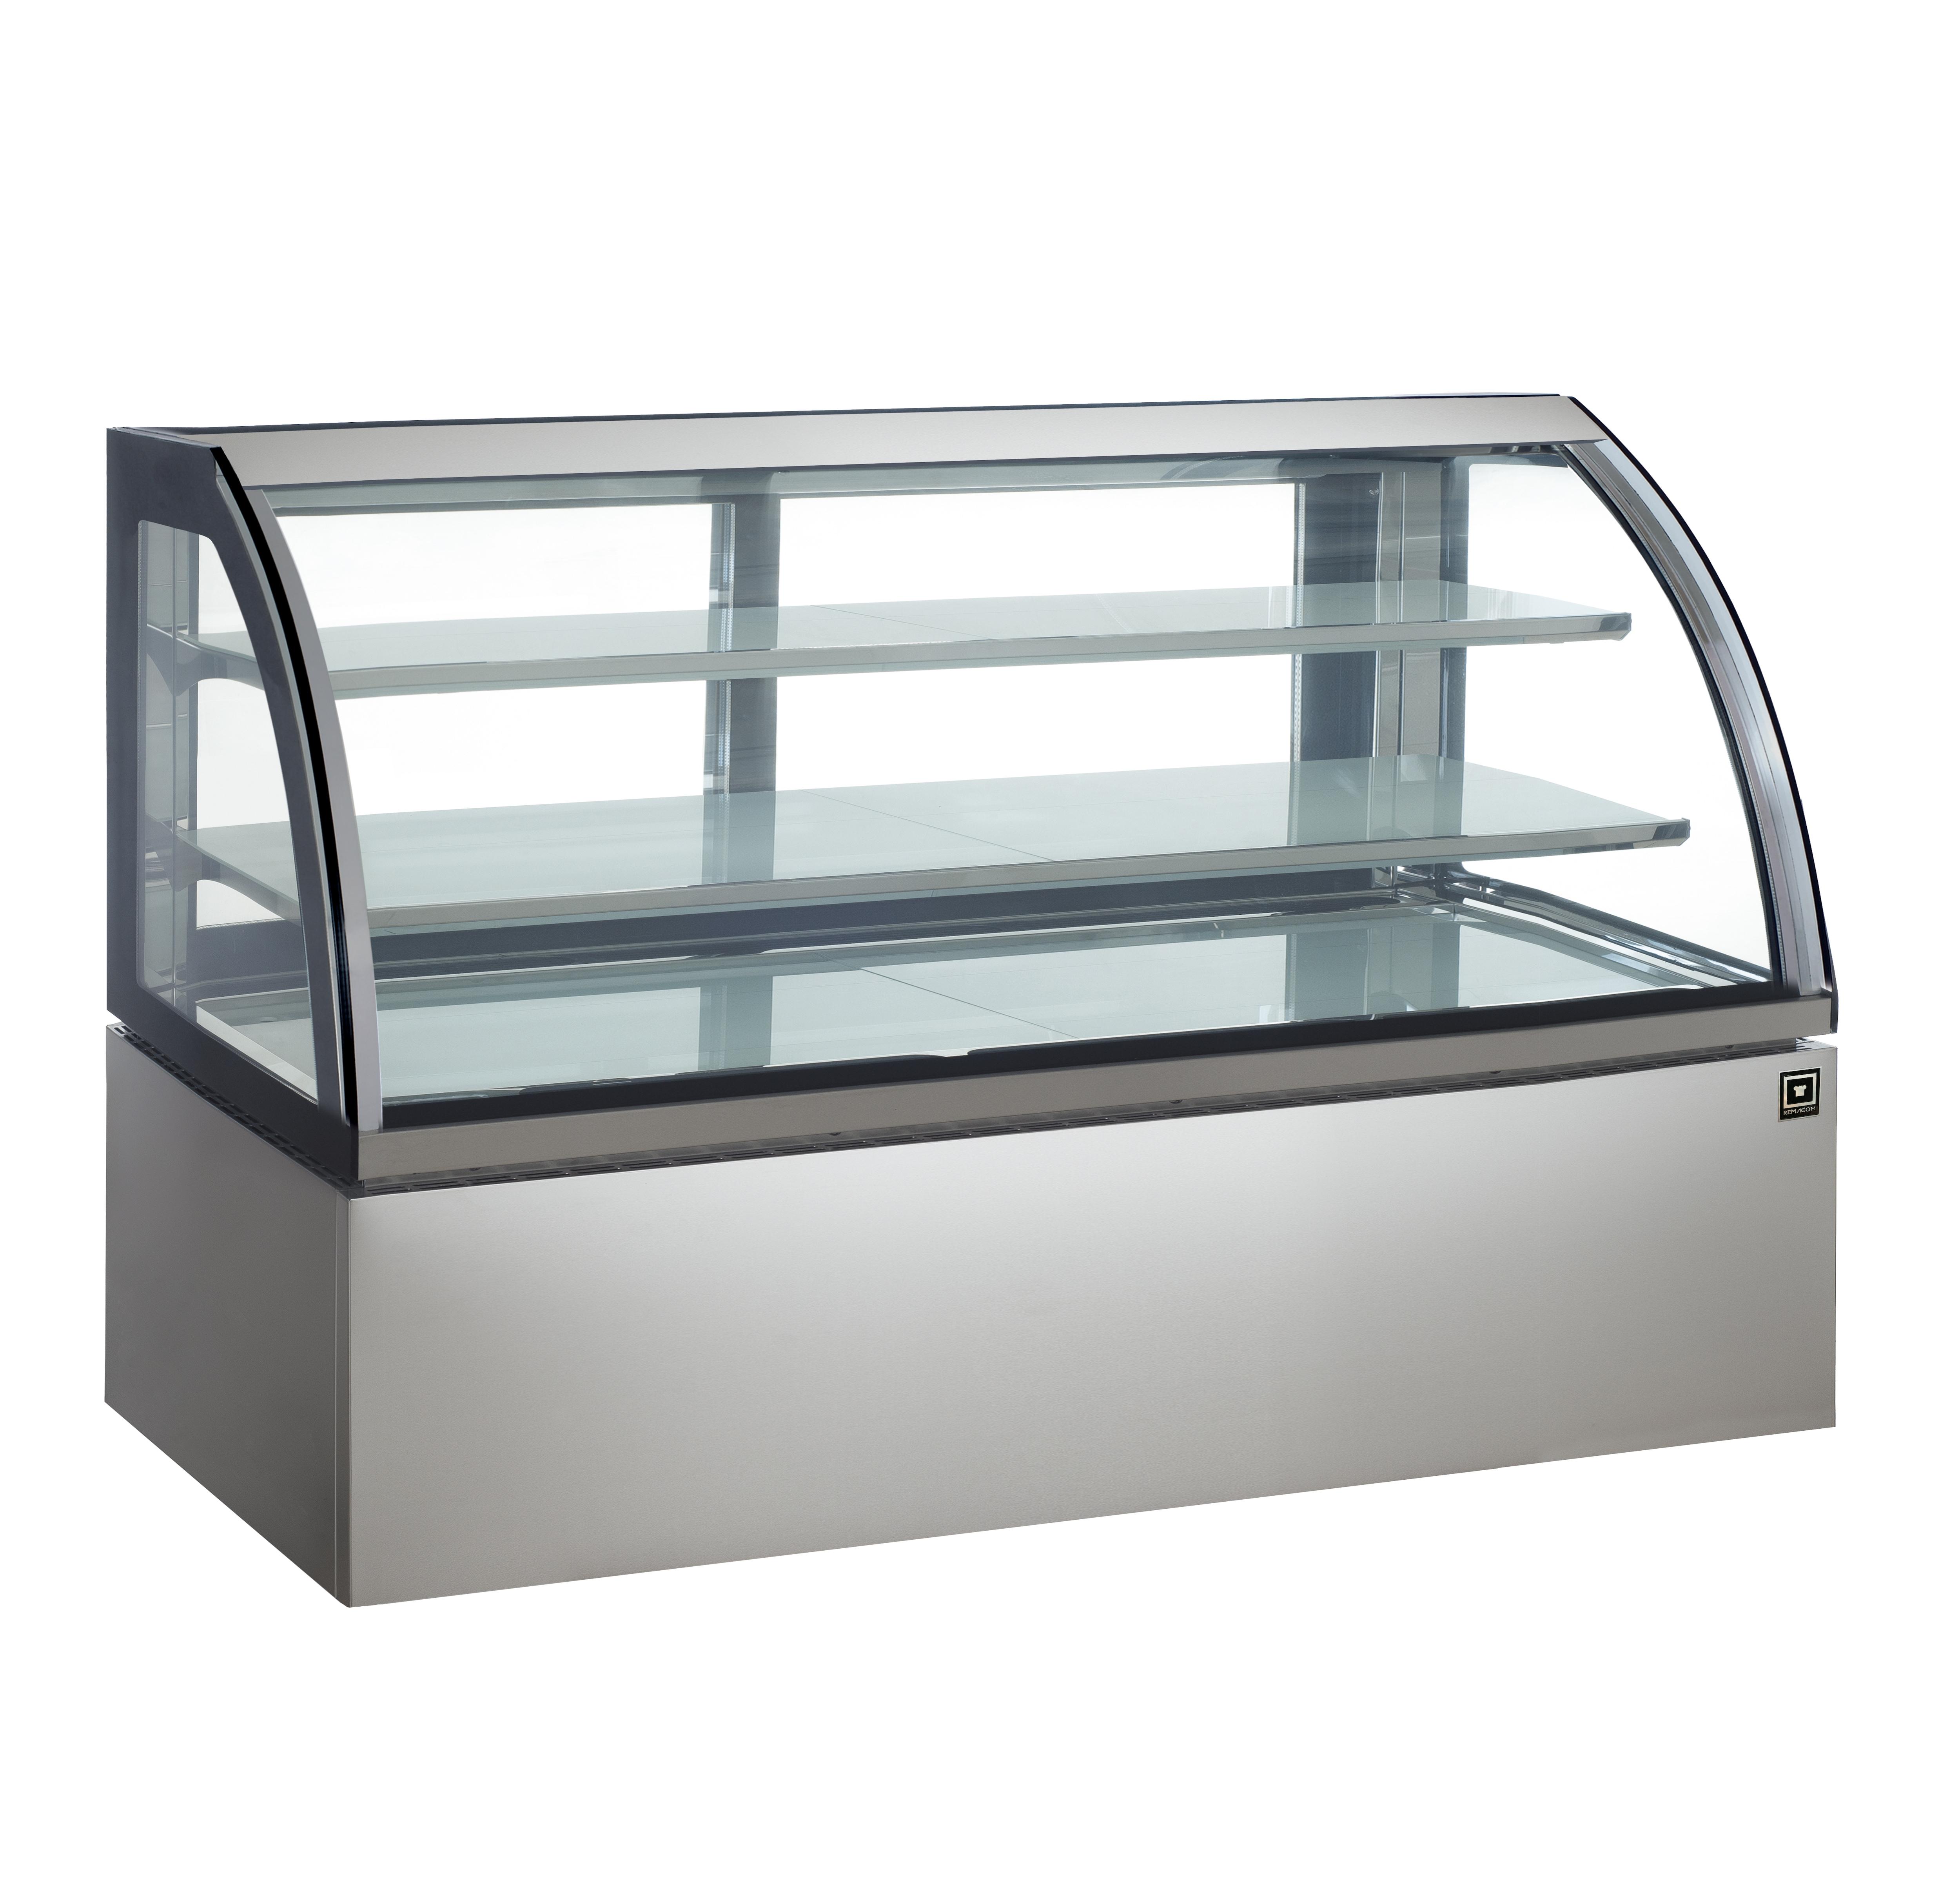 対面冷蔵ショーケース LED仕様 3段(中棚2段)幅1800mmタイプ RCS-K180S2L